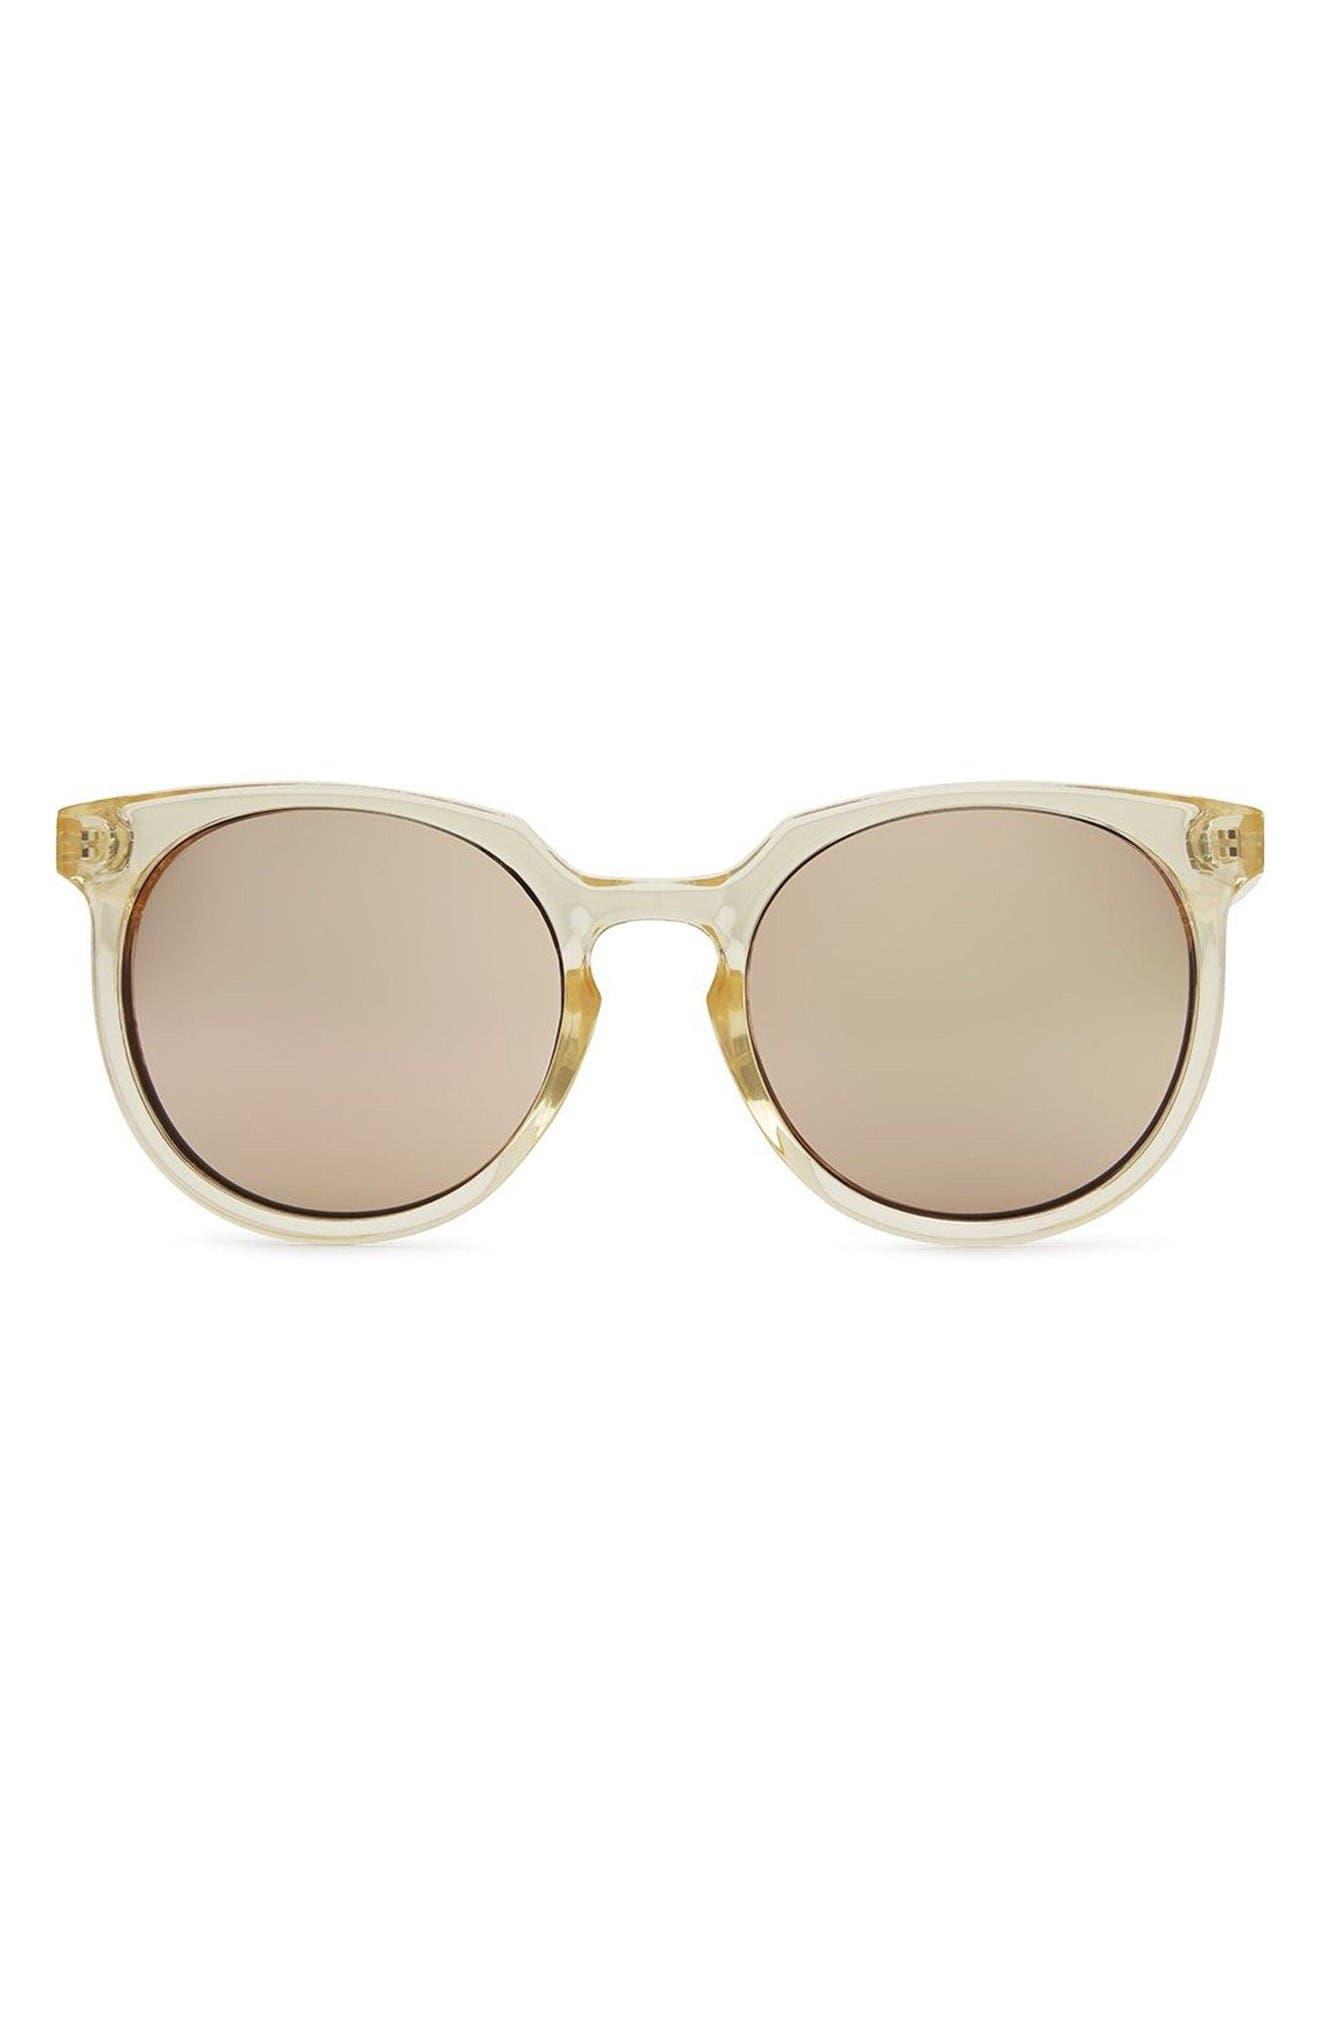 Quay Australia Don't Change 60mm Round Sunglasses